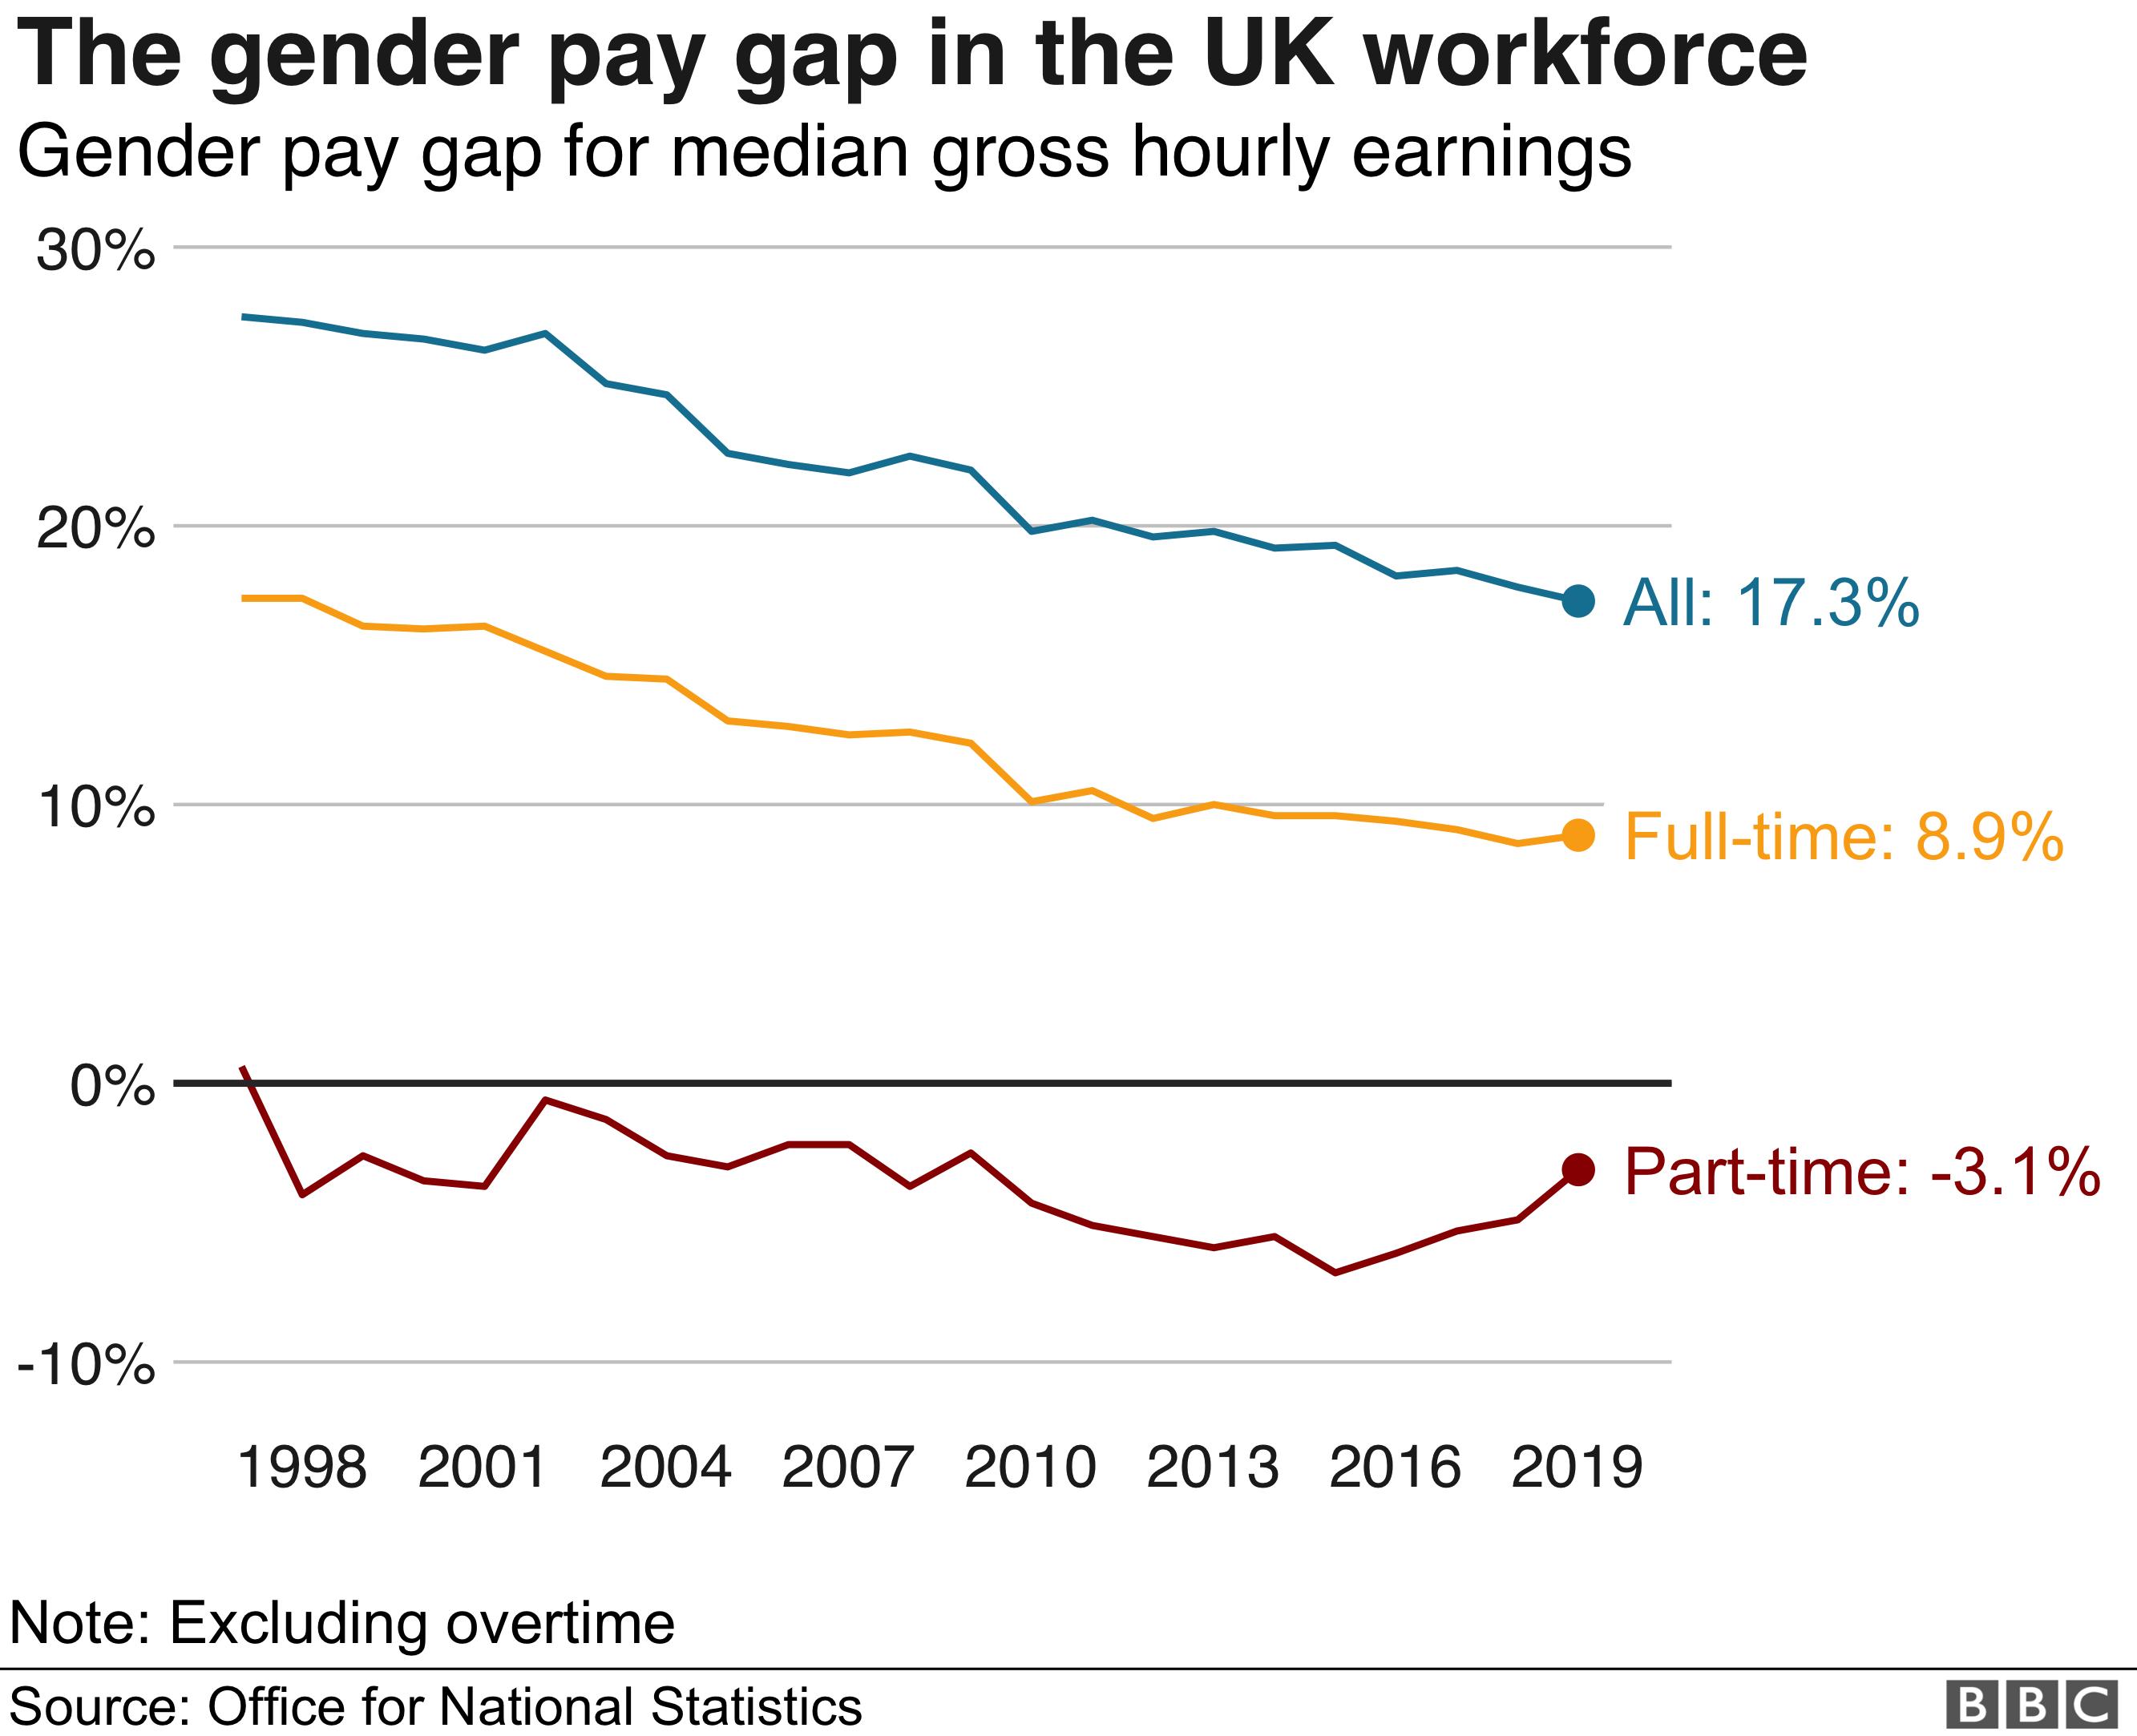 Gender pay gap in the UK workforce